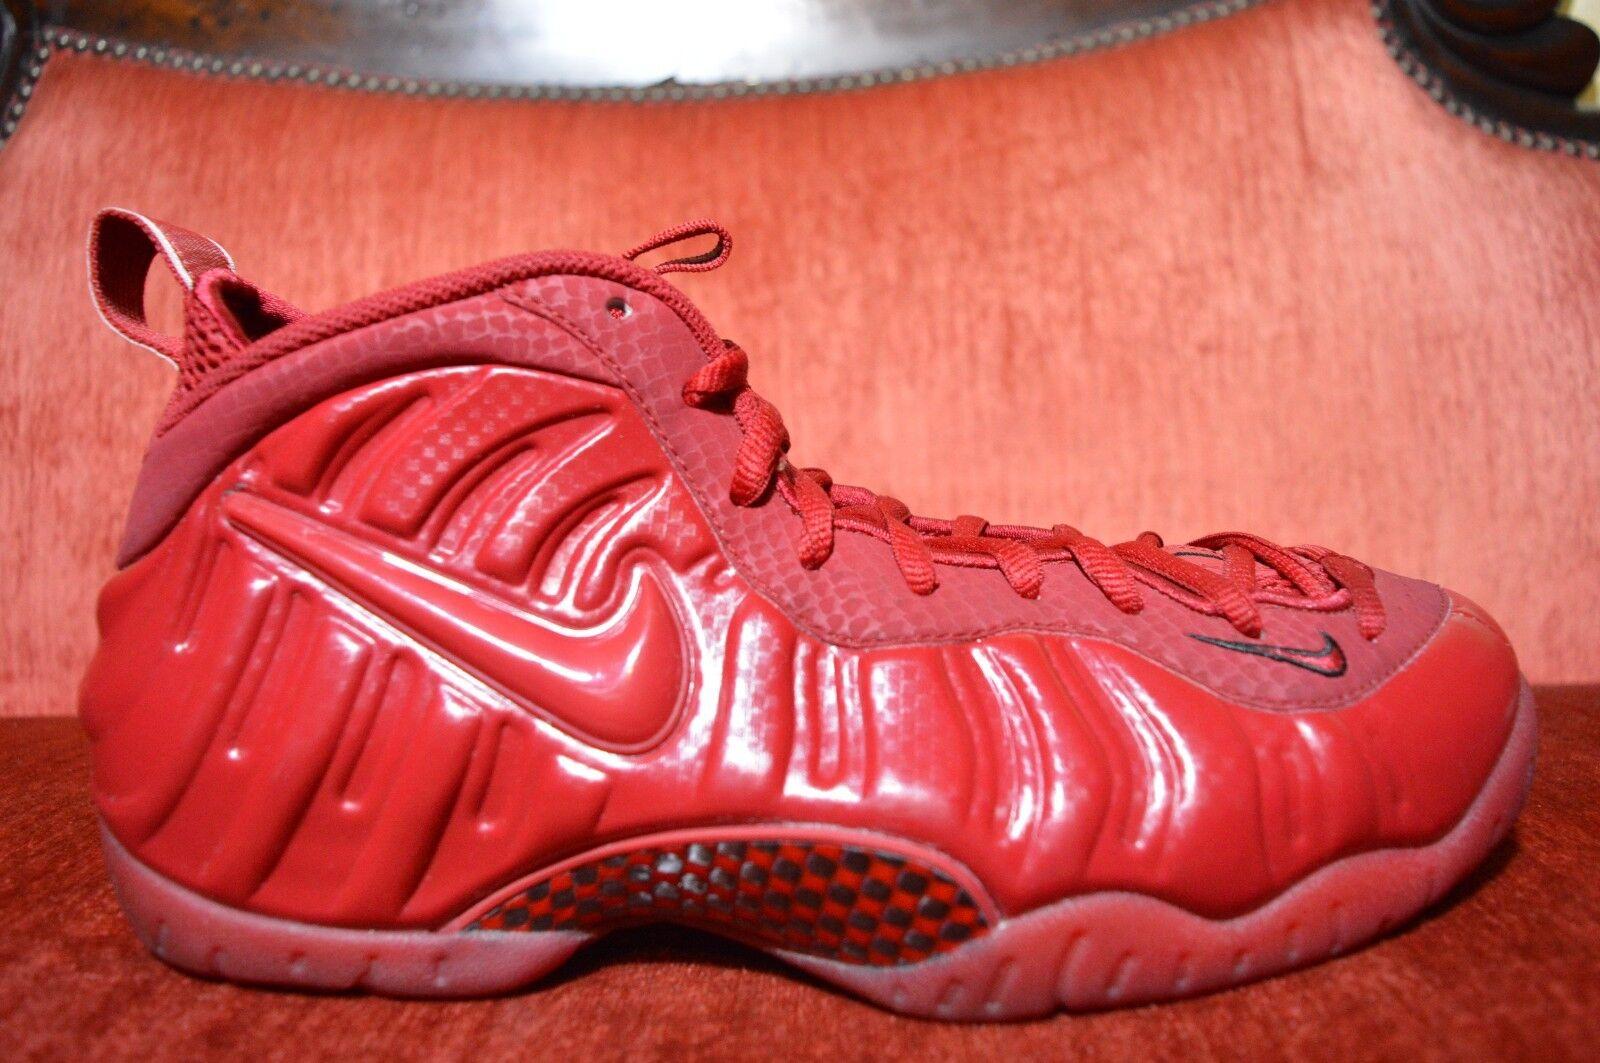 Nike air foamposite dell'ottobre rosso yeezy palestra università dimensioni 624041 603